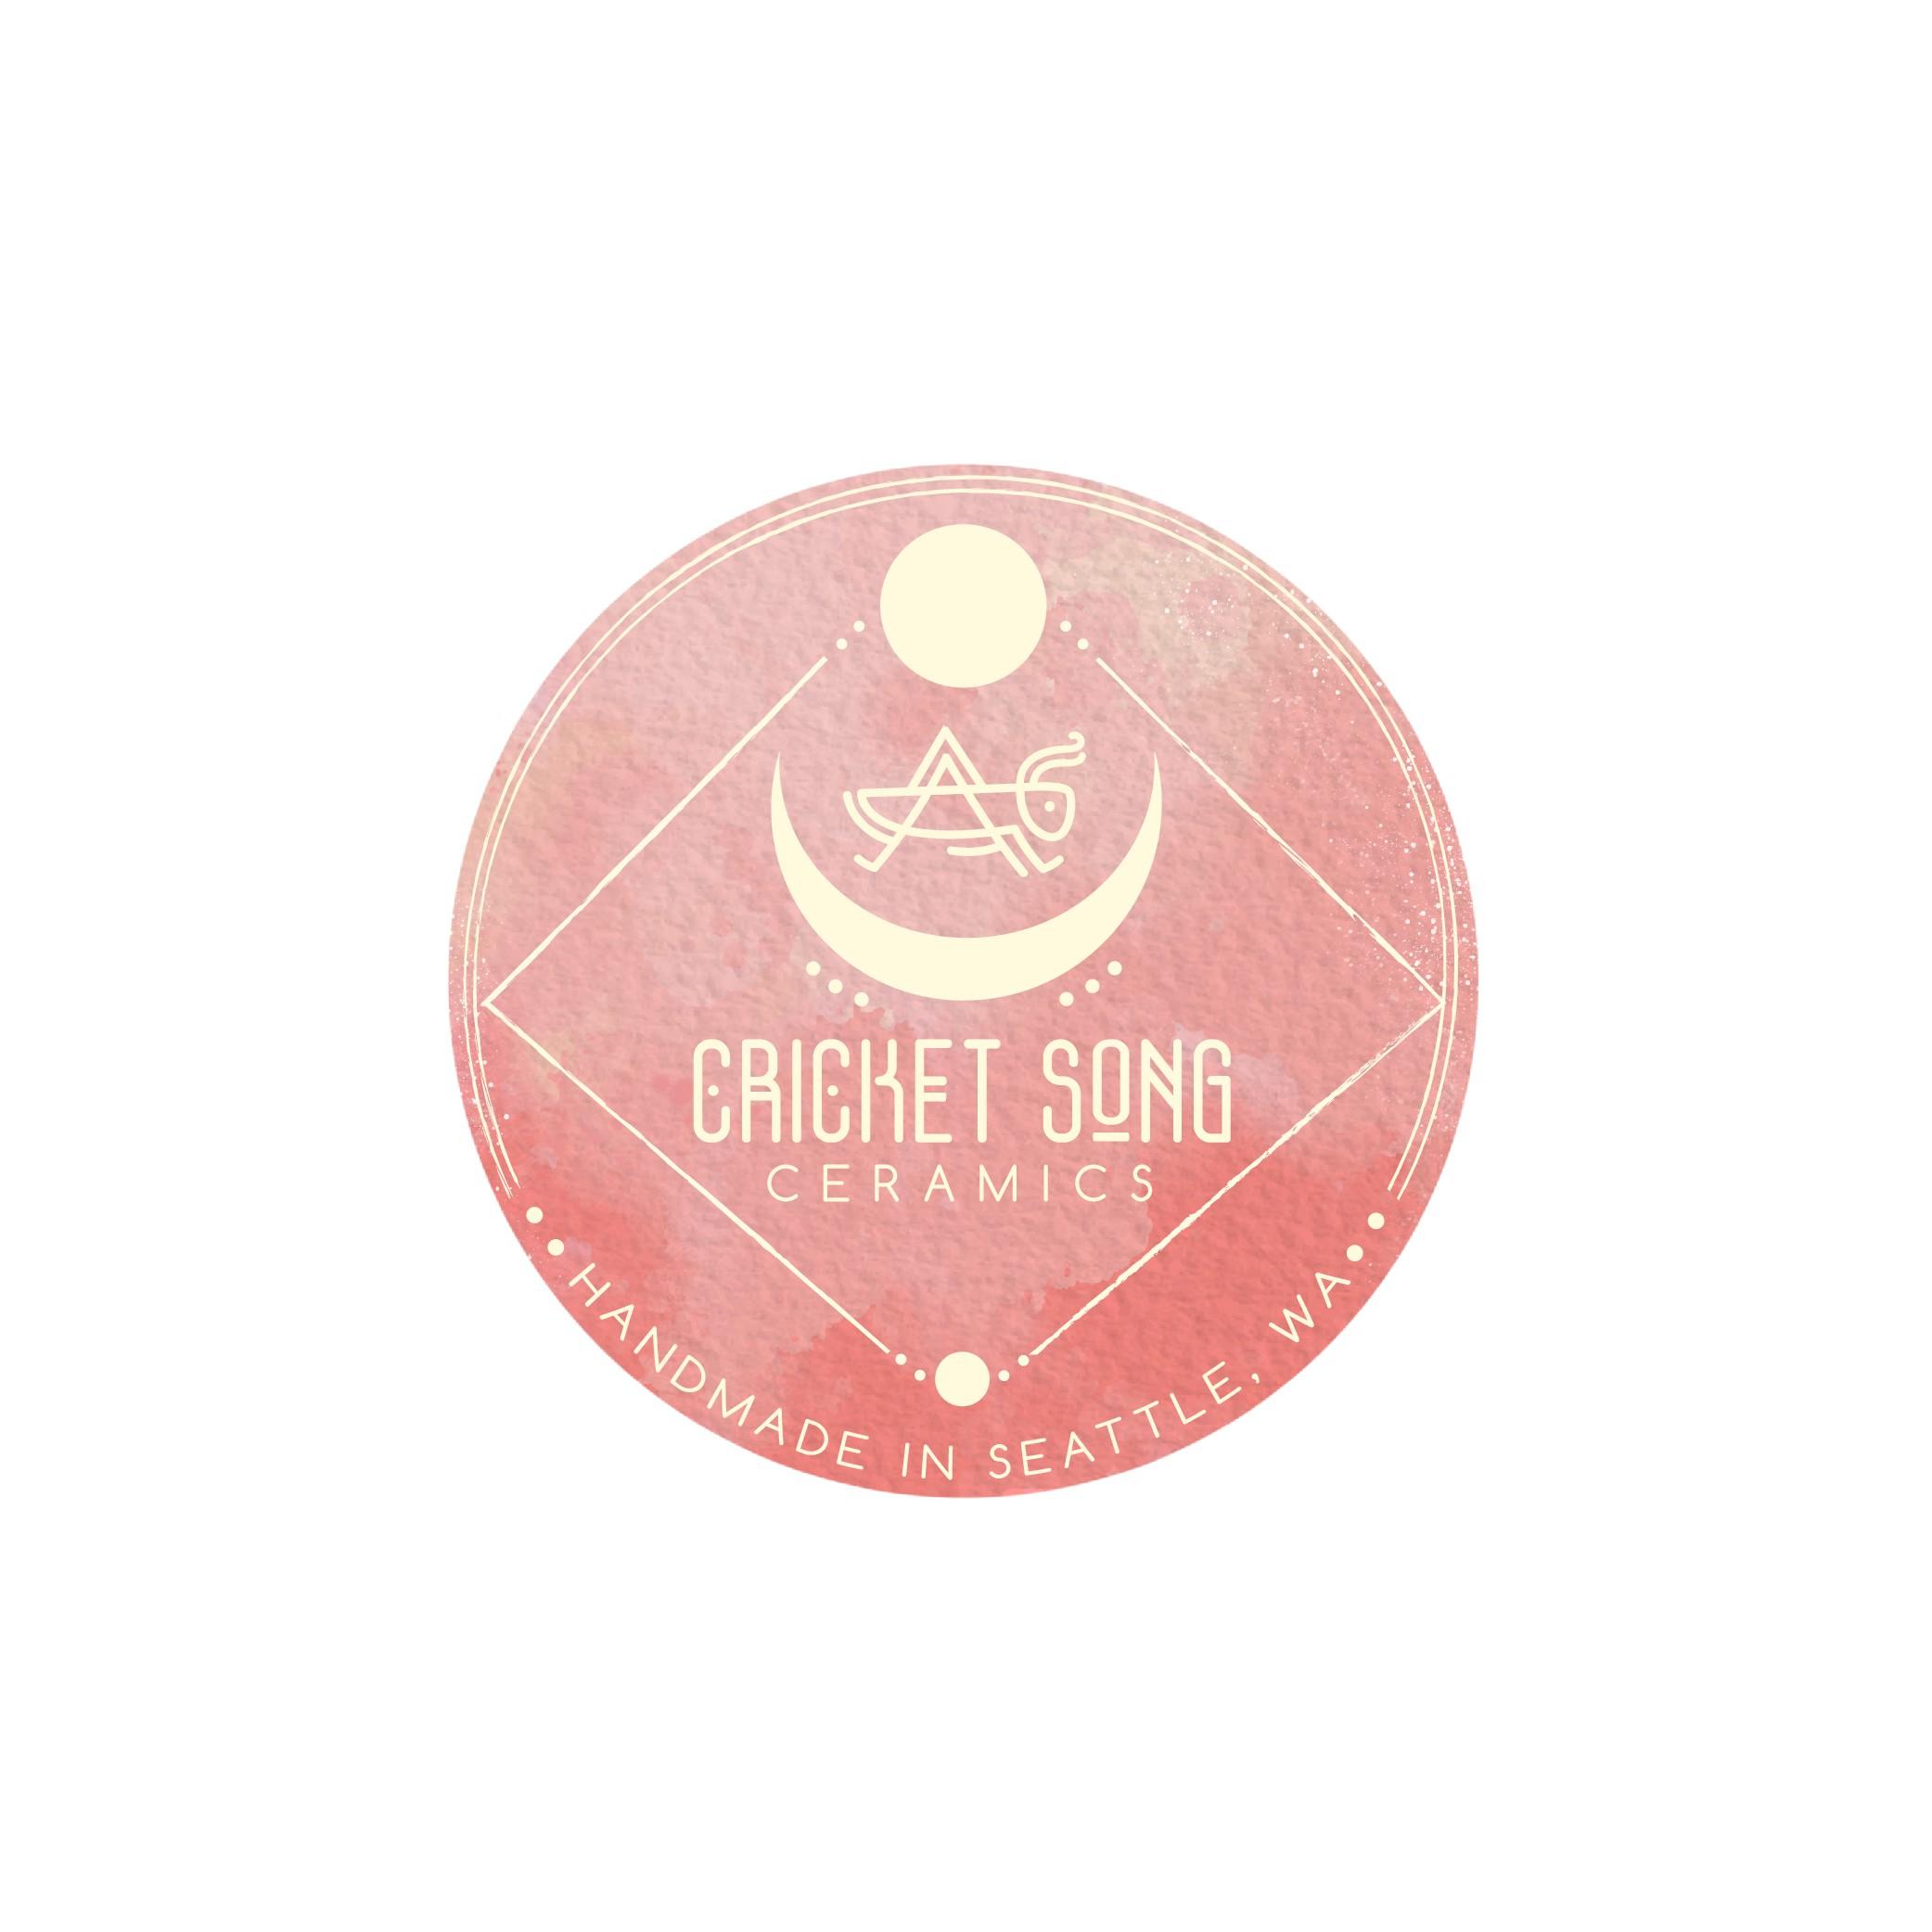 Sacred & feminine logo & stamp for Homemade pottery: Cricket song ceramics